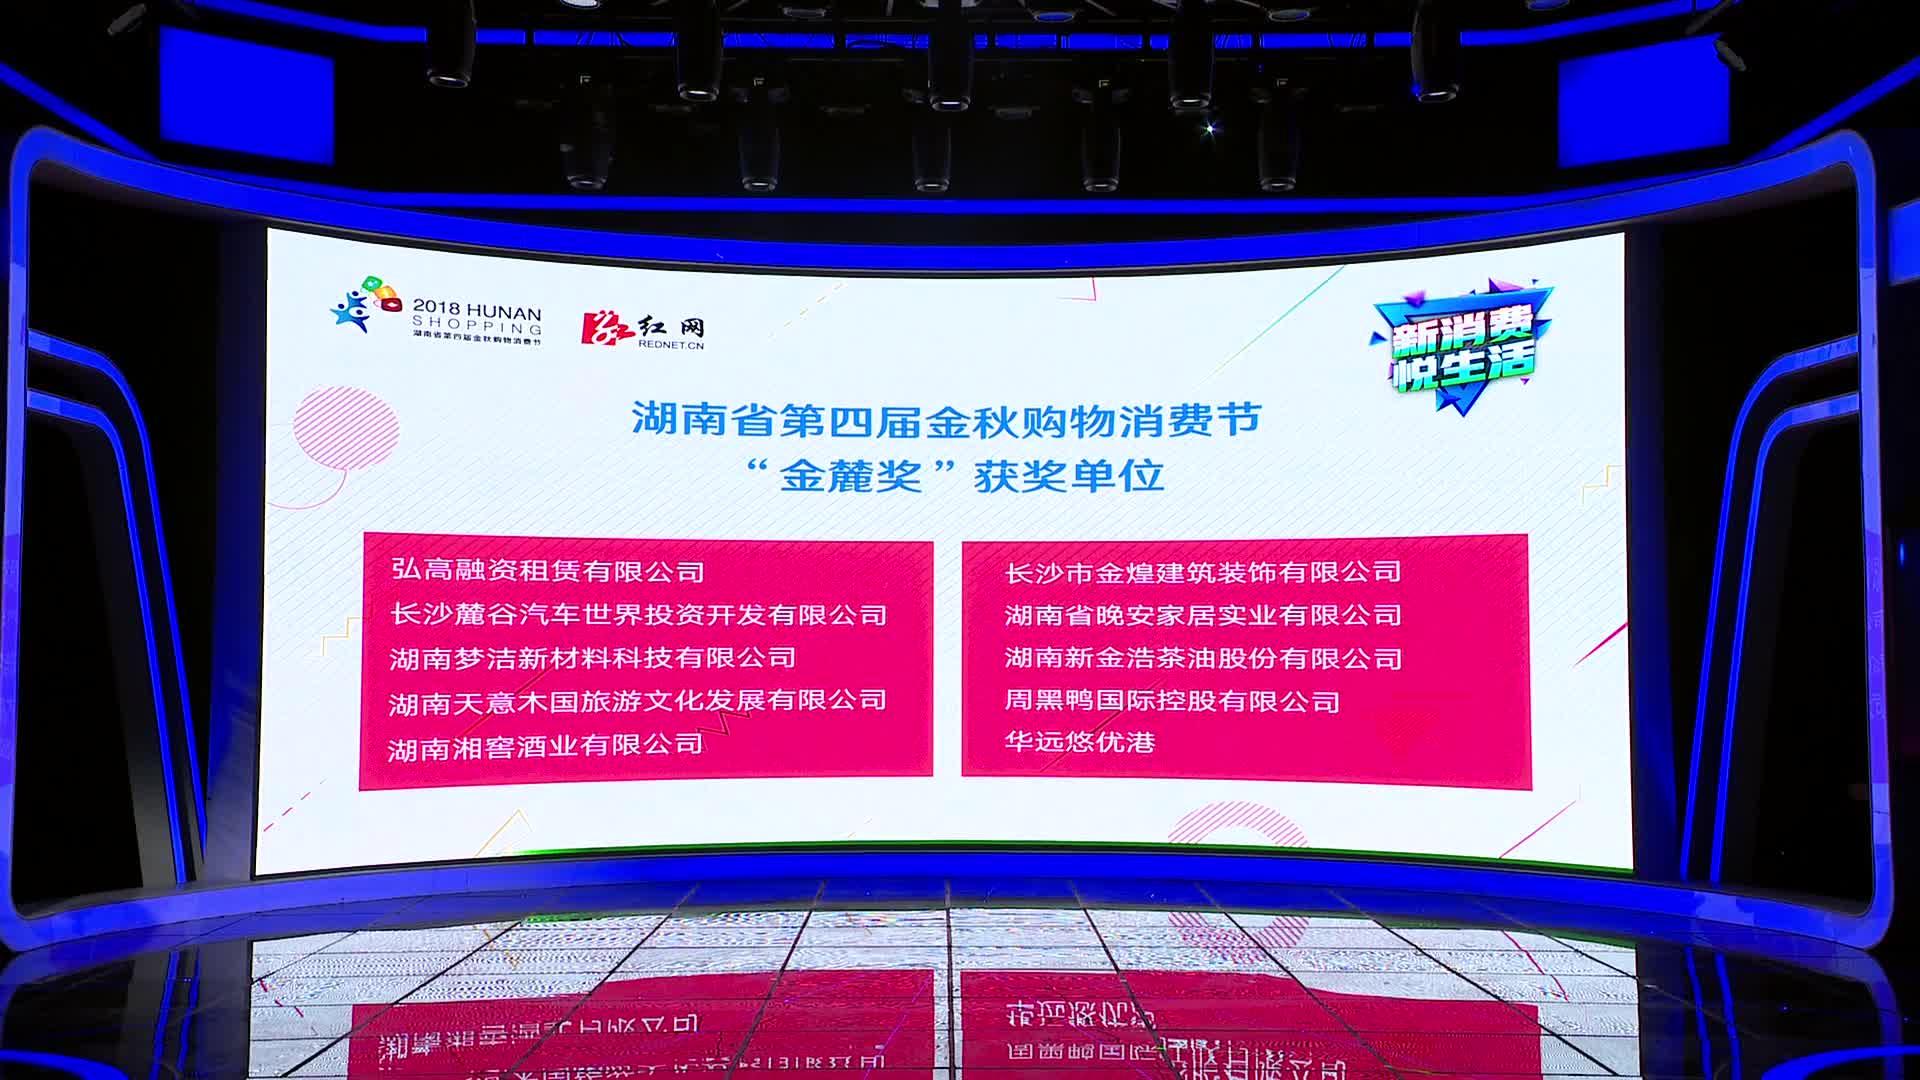 影响7000多万人次 湖南省第四届金秋购物消费节颁奖盛典举行